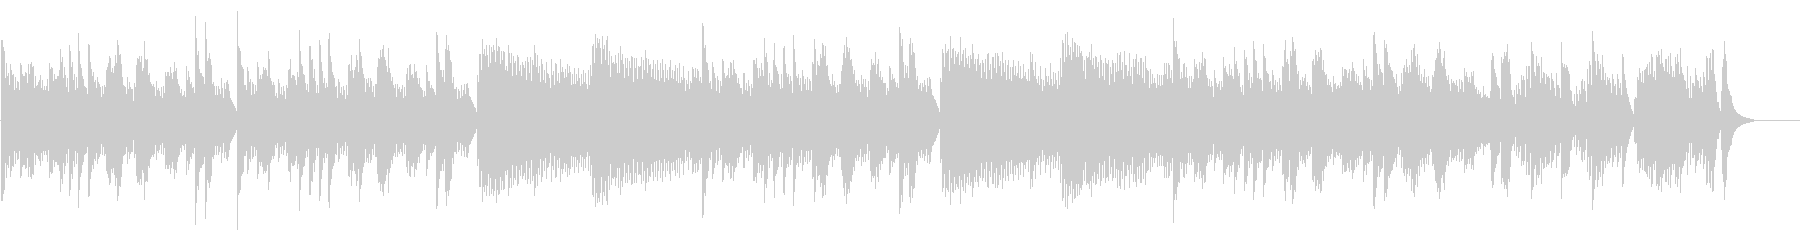 キラキラ星変奏曲(VarXⅡ)オルゴールの未再生の波形